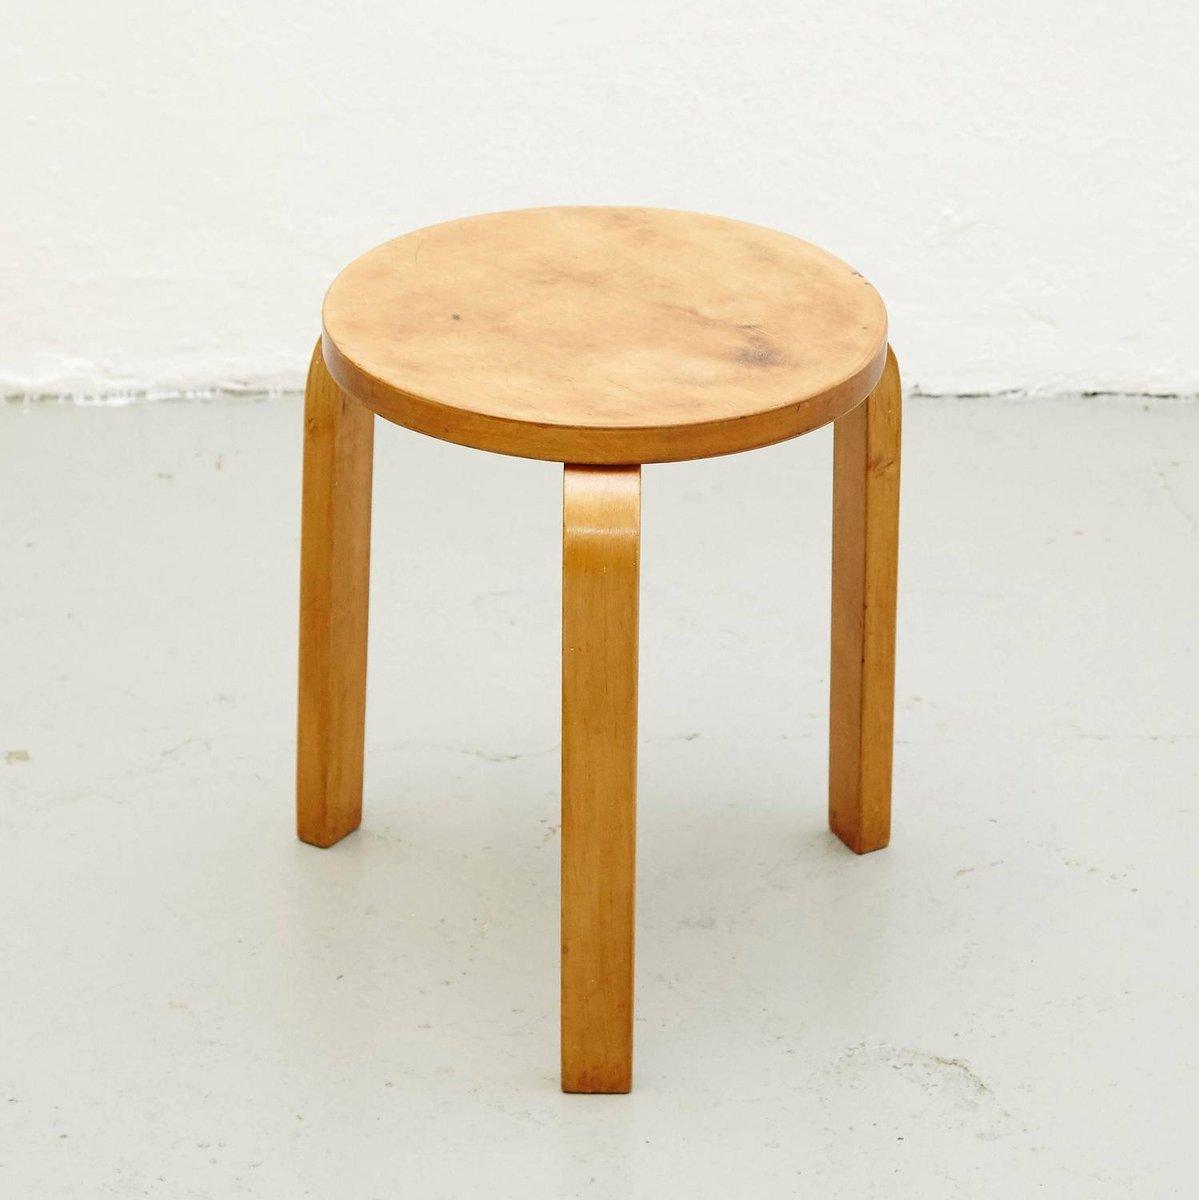 Finnish stool by alvar aalto for artek 1950s for sale at for Alvar aalto chaise